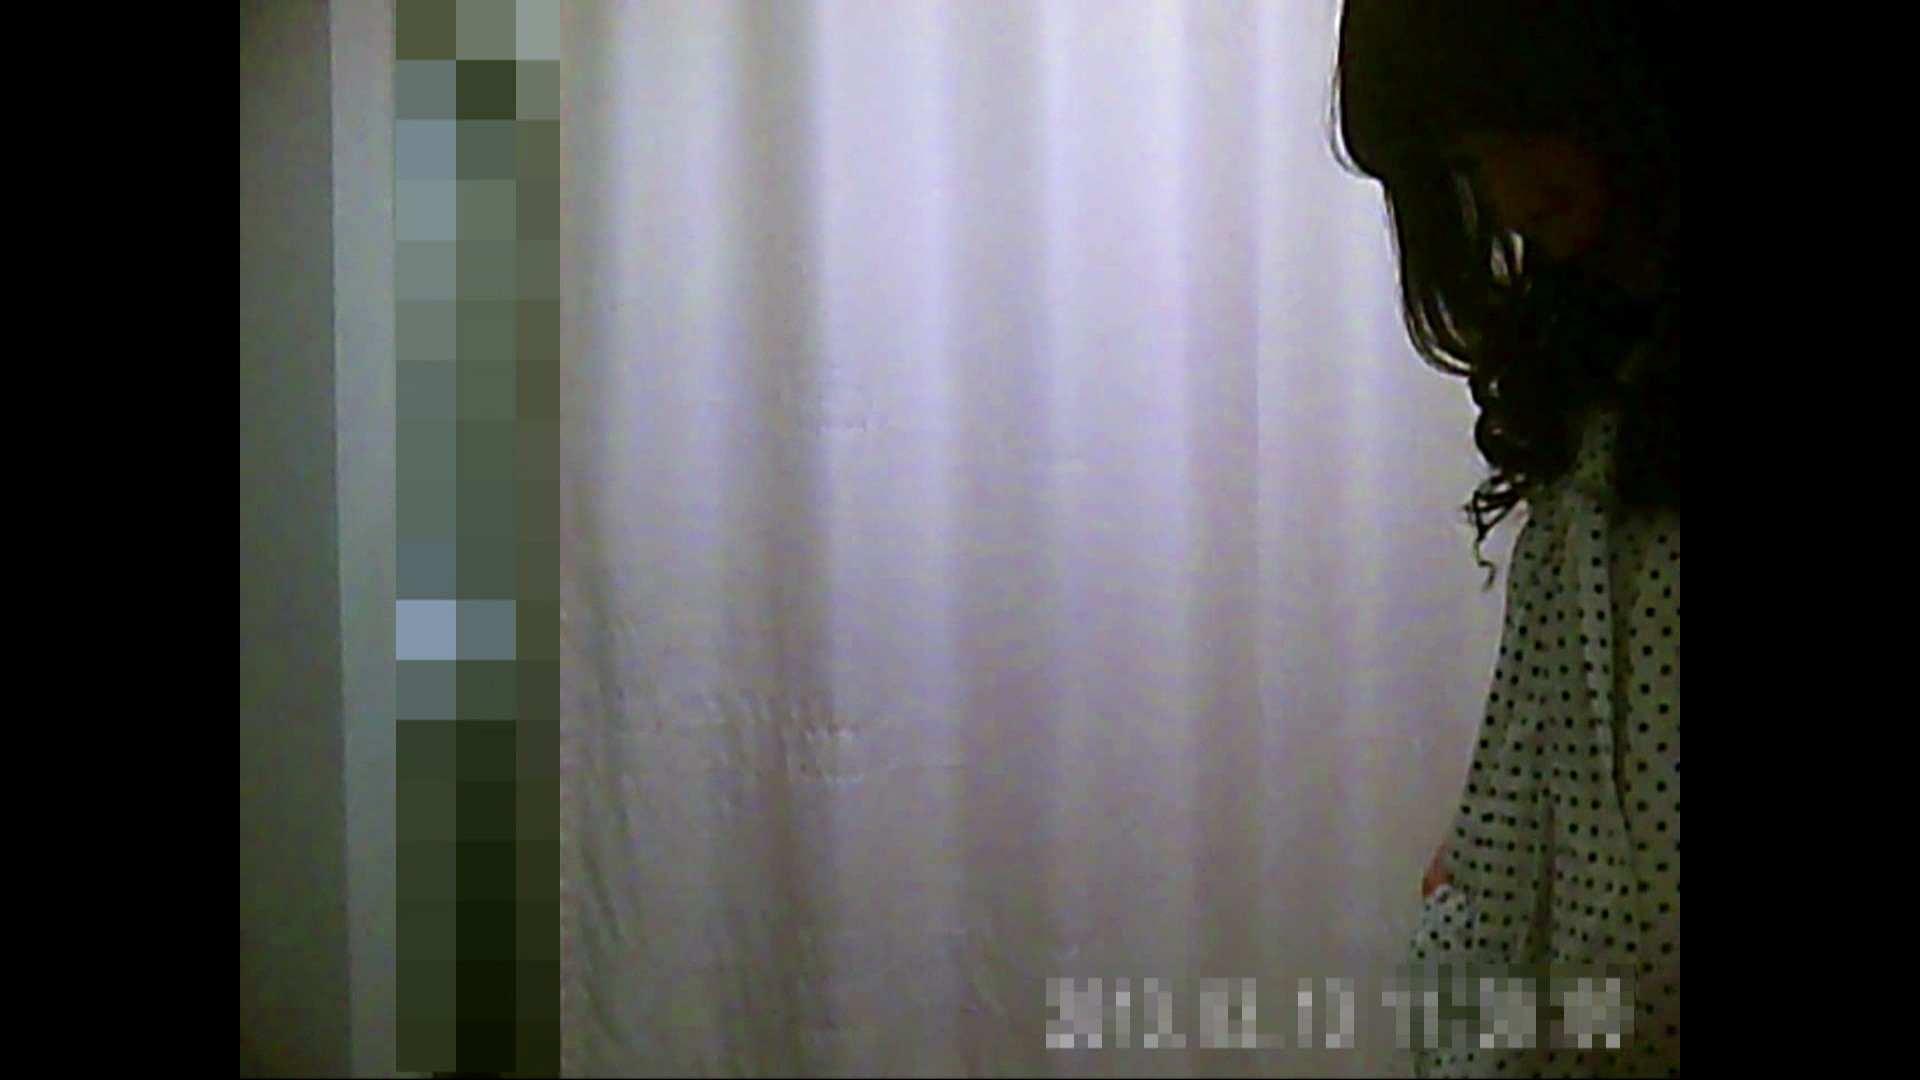 病院おもいっきり着替え! vol.199 巨乳 おまんこ無修正動画無料 96pic 75